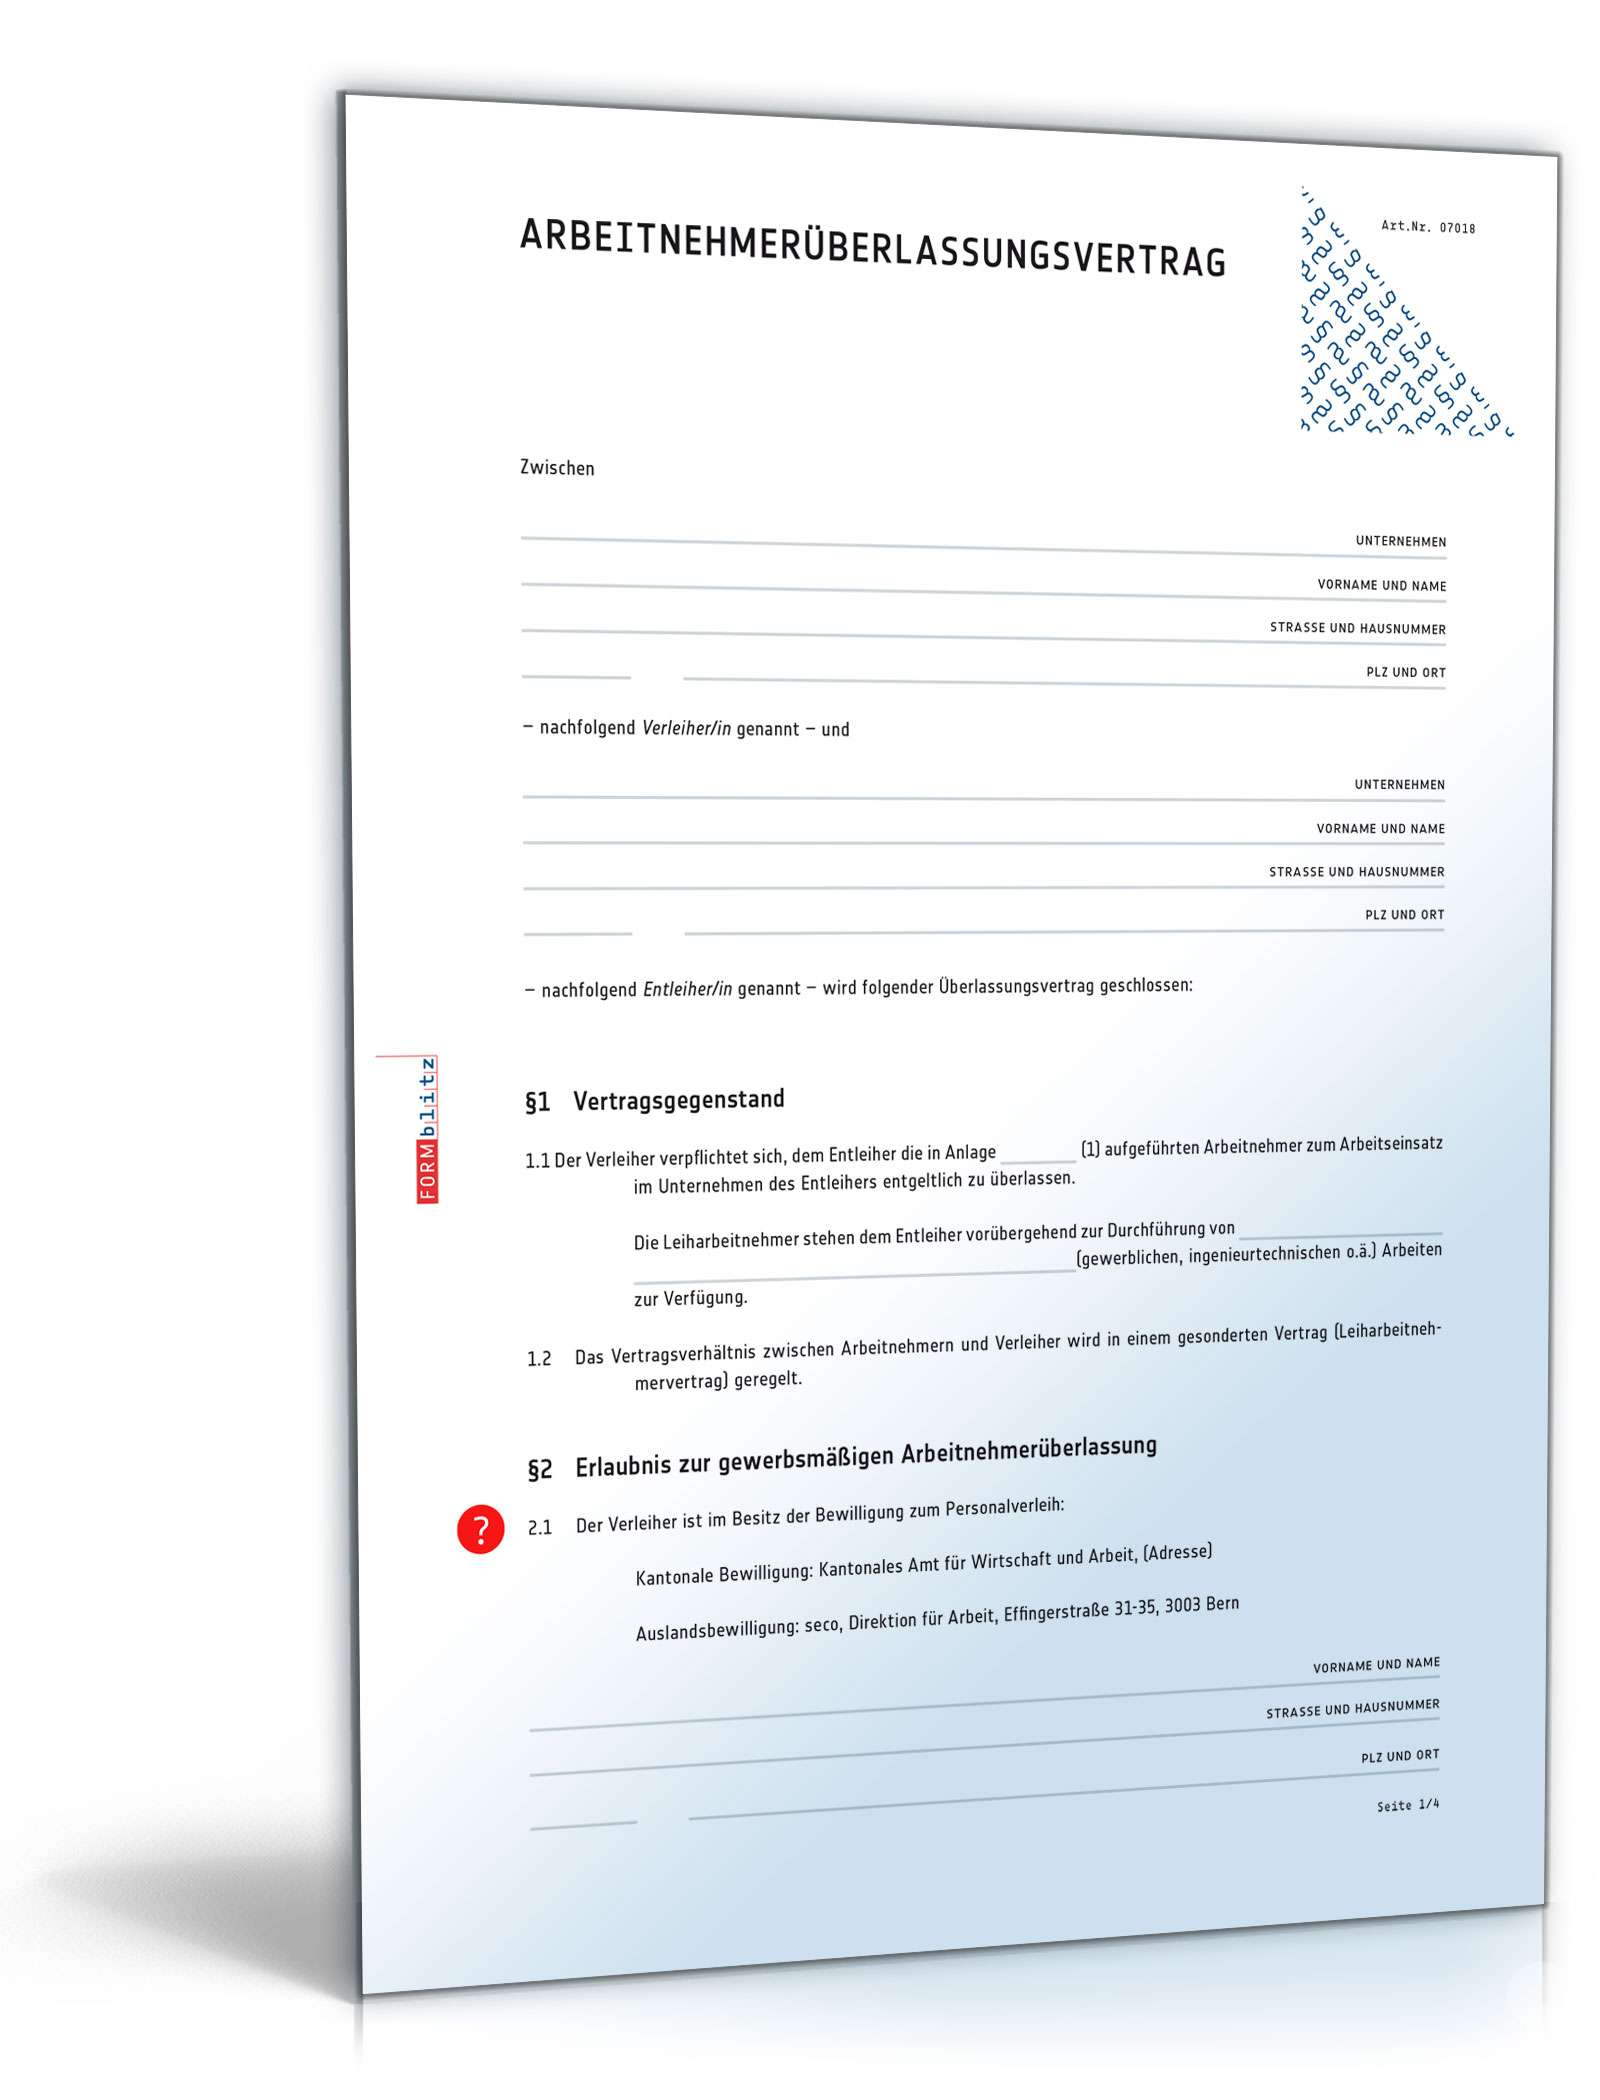 Arbeitnehmerüberlassungsvertrag Muster Vorlage Zum Download